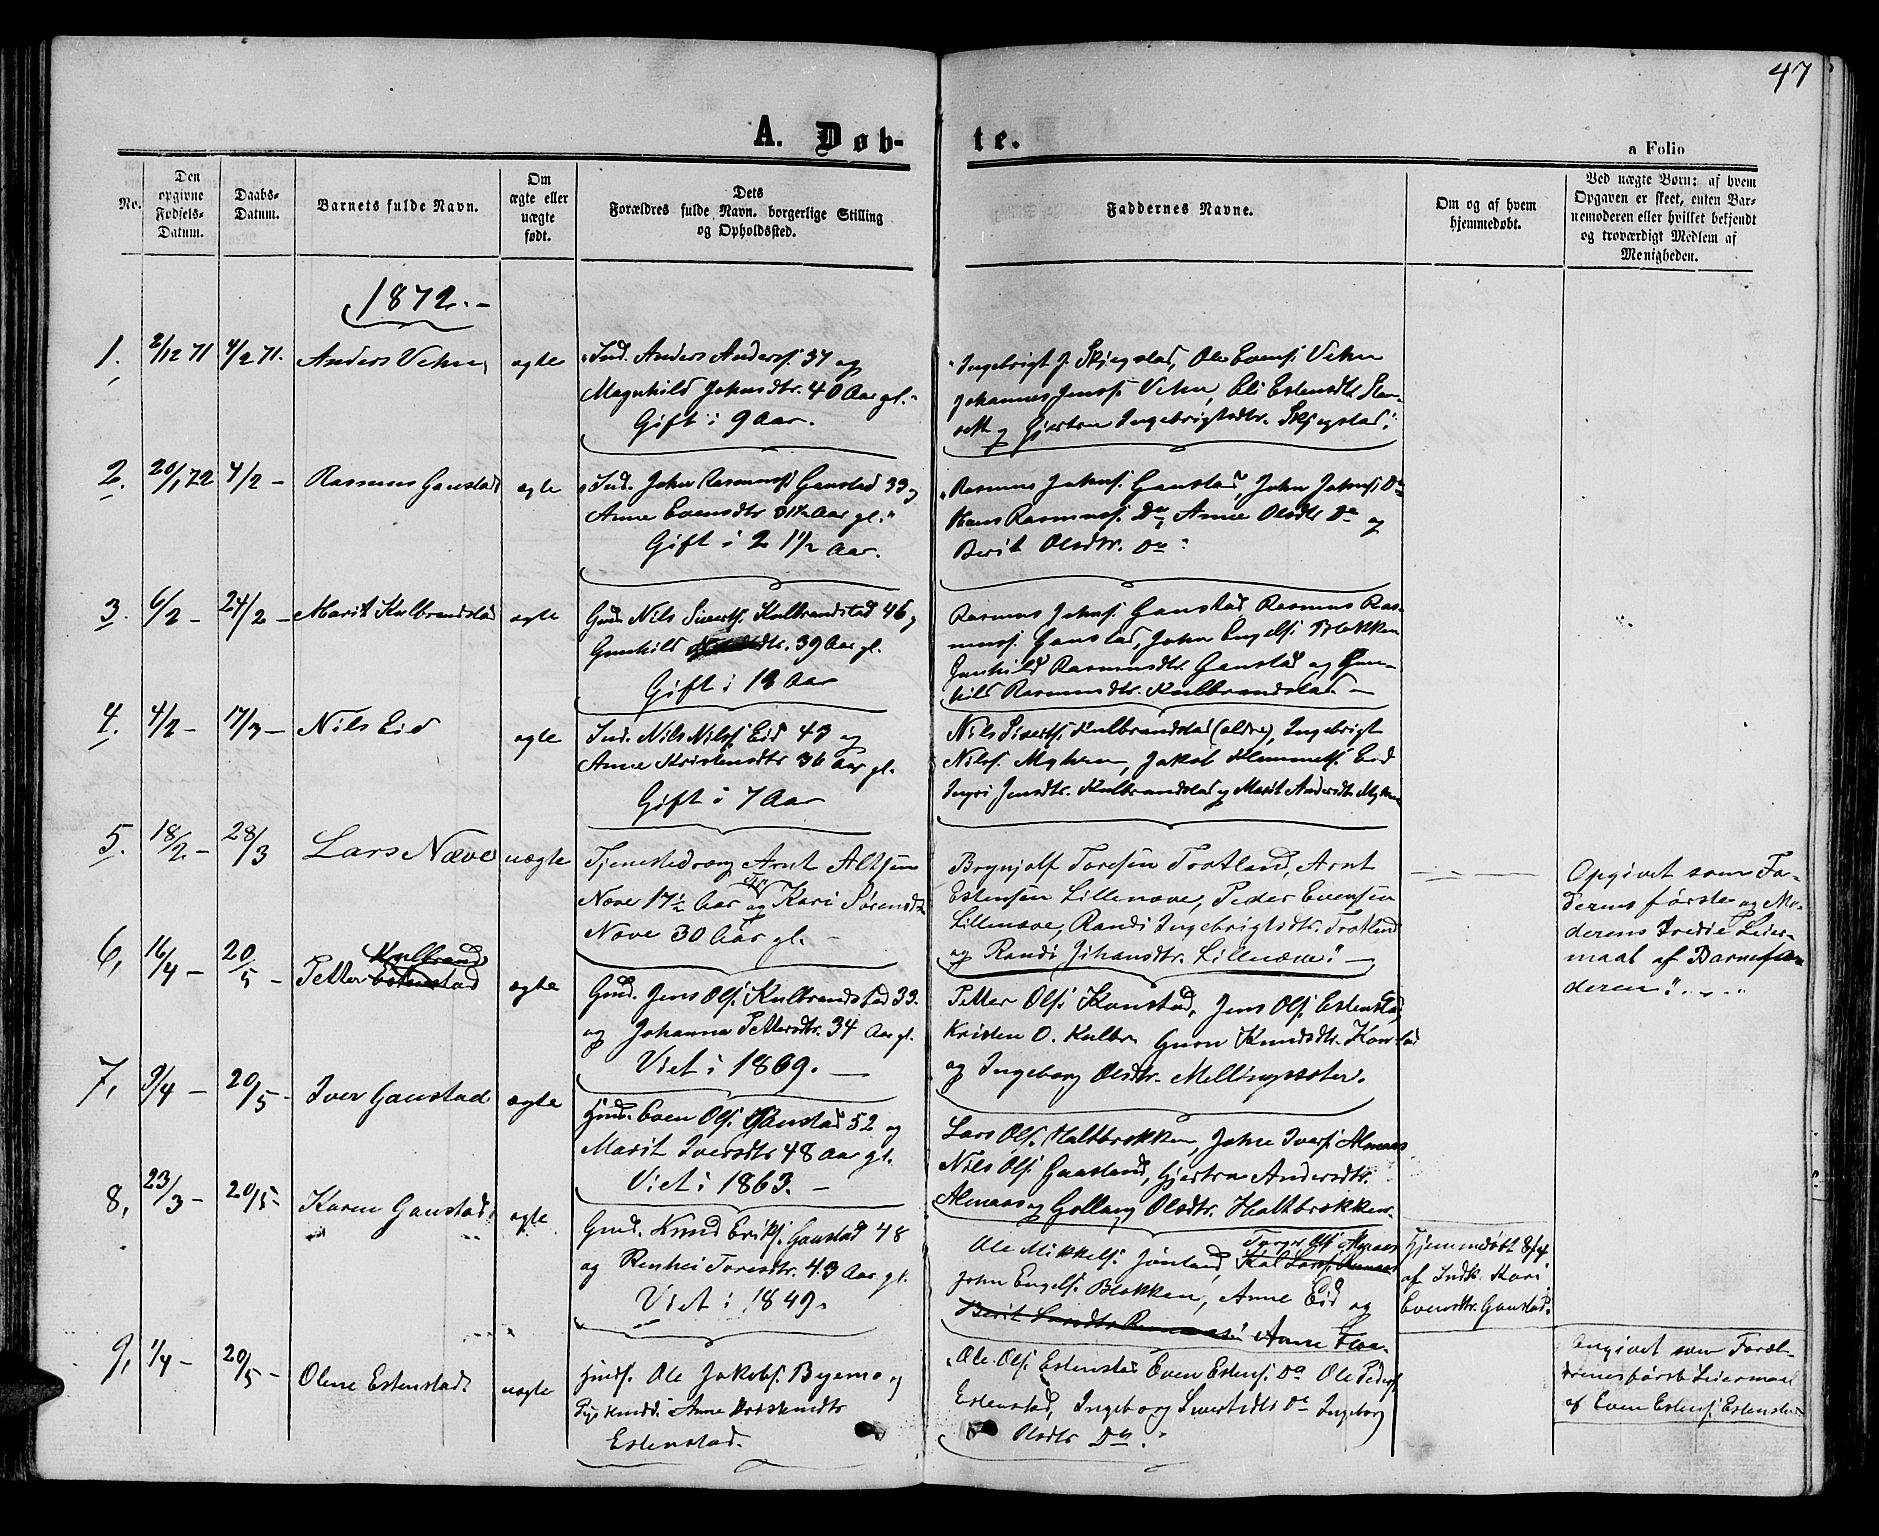 SAT, Ministerialprotokoller, klokkerbøker og fødselsregistre - Sør-Trøndelag, 694/L1131: Klokkerbok nr. 694C03, 1858-1886, s. 47